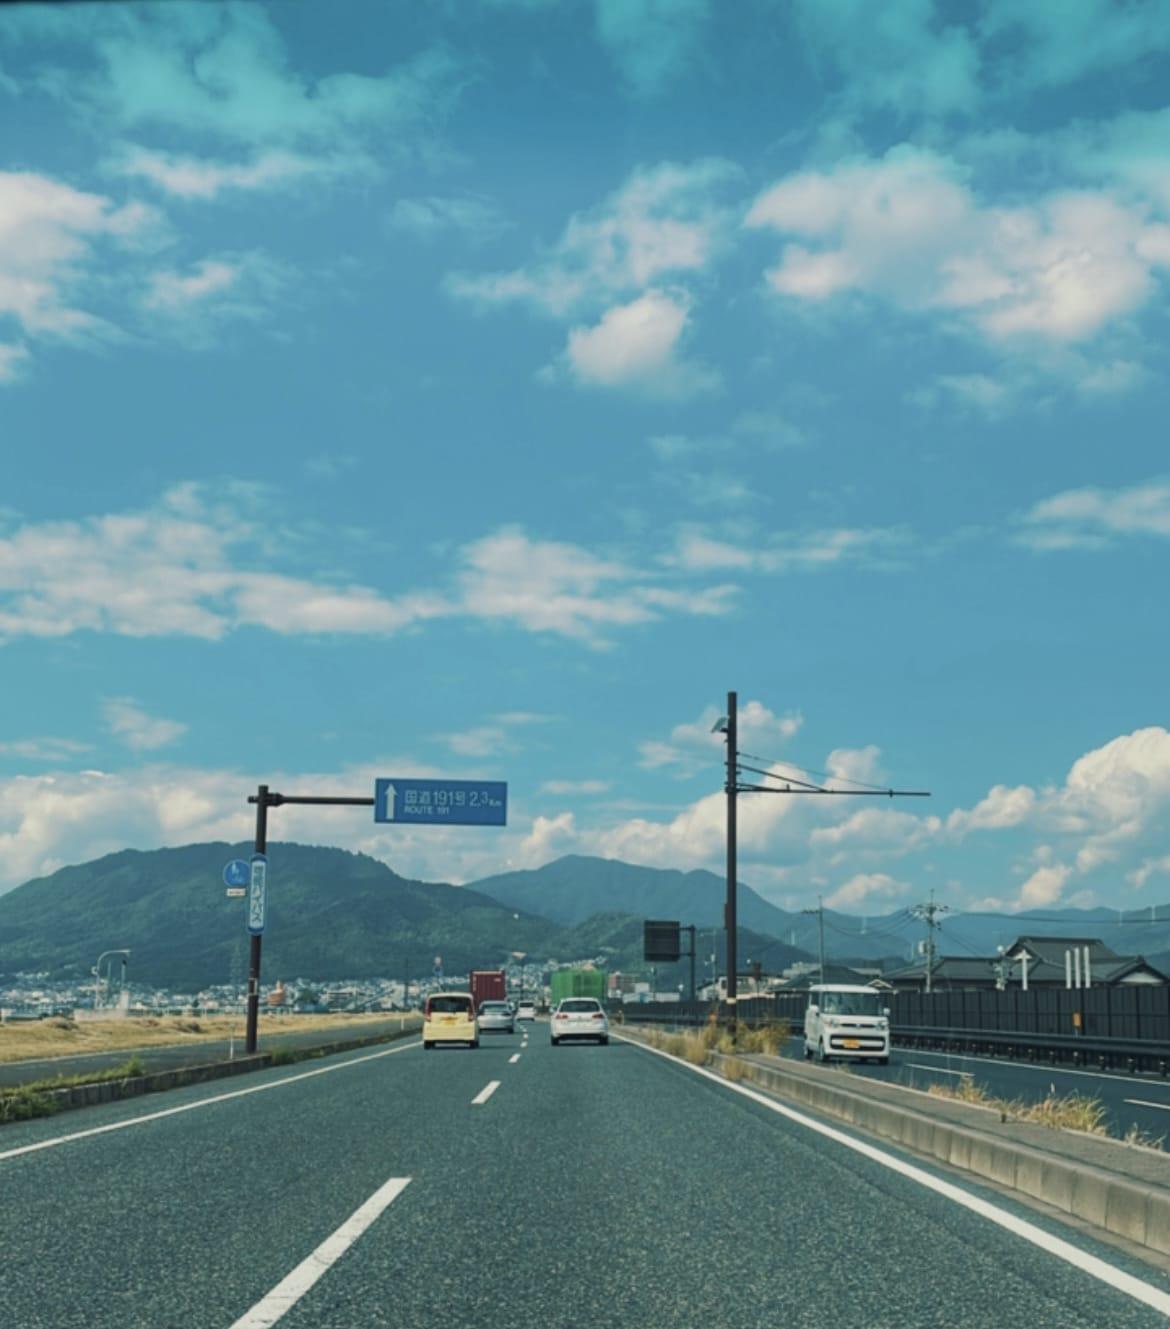 める「出勤中〜·͜·」10/09(土) 20:30 | めるの写メ